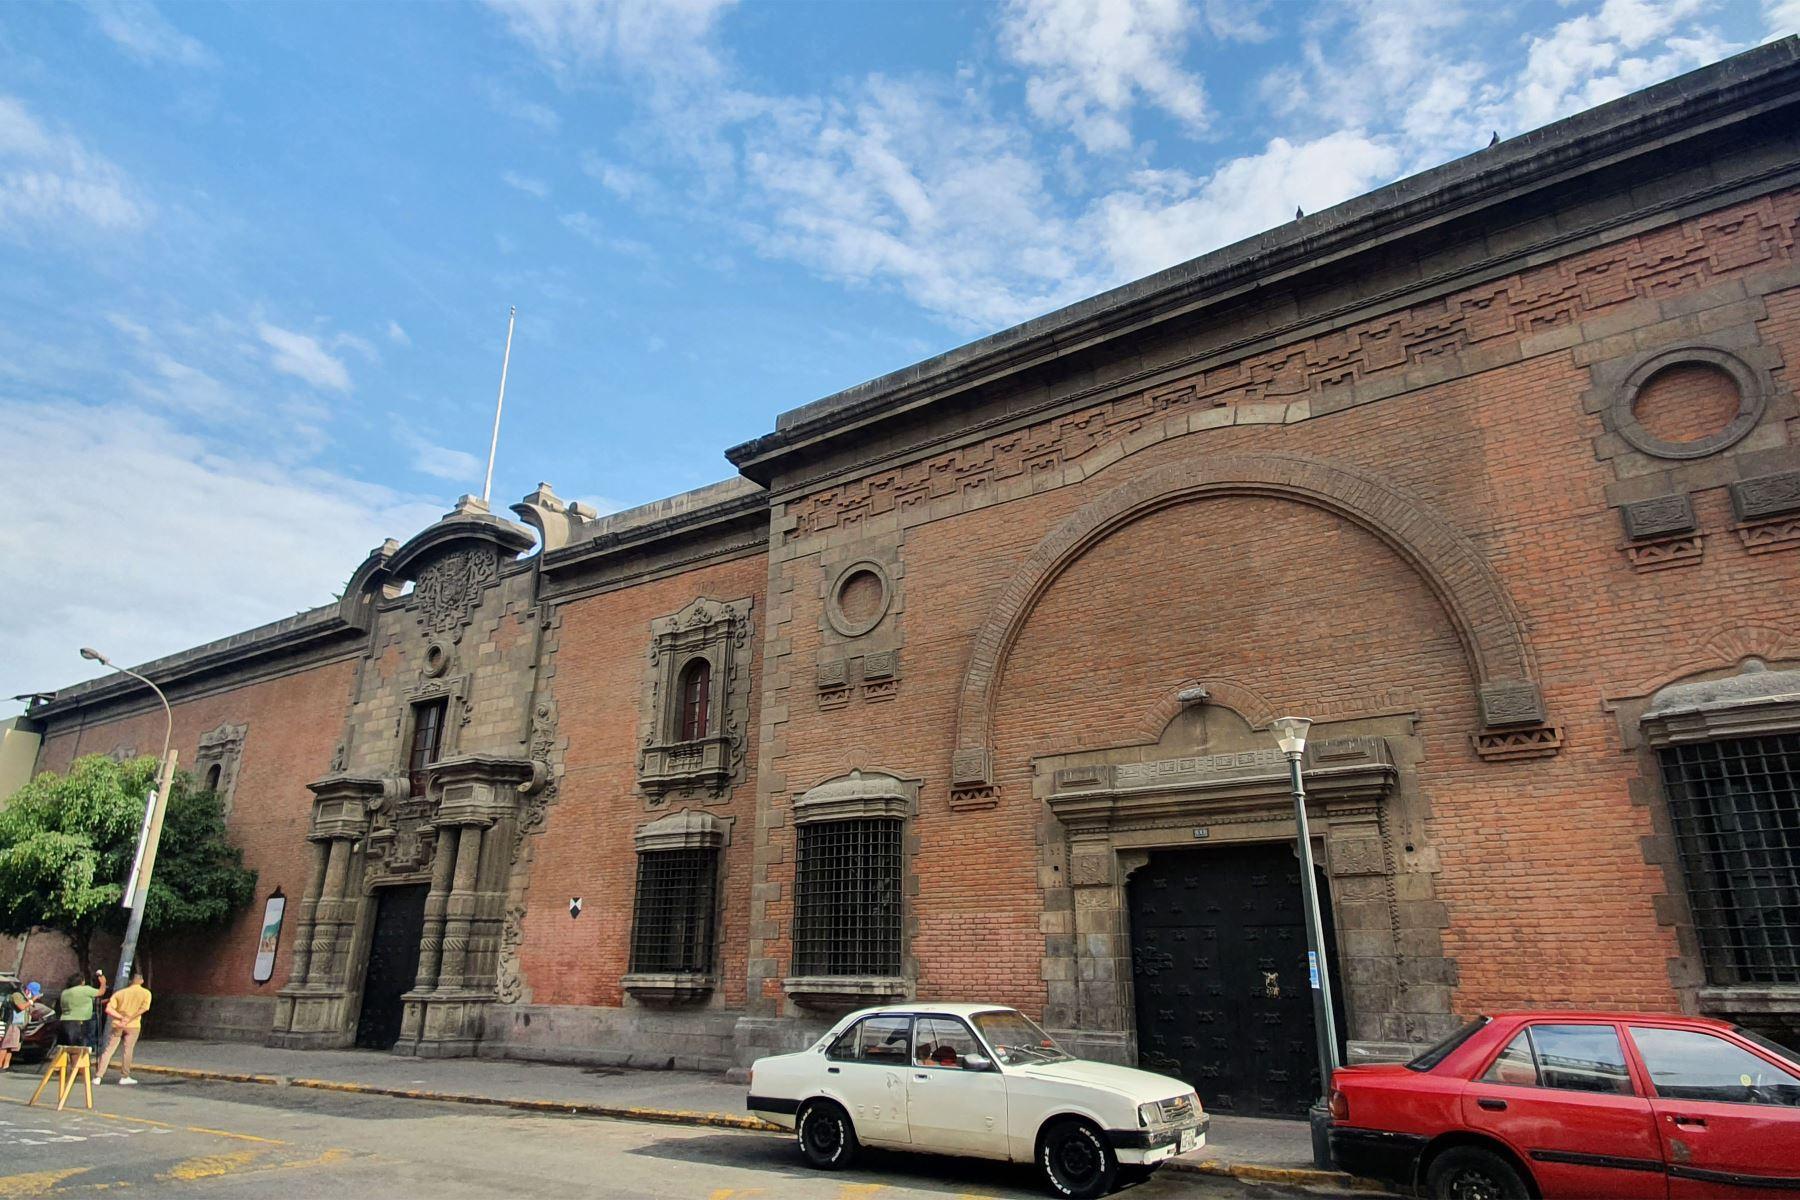 La Escuela Nacional Superior de Bellas Artes celebra hoy 103 años de historia. En breve, iniciará una cruzada internacional para recaudar fondos y restaurar sus tres casonas. Foto: Ensabap